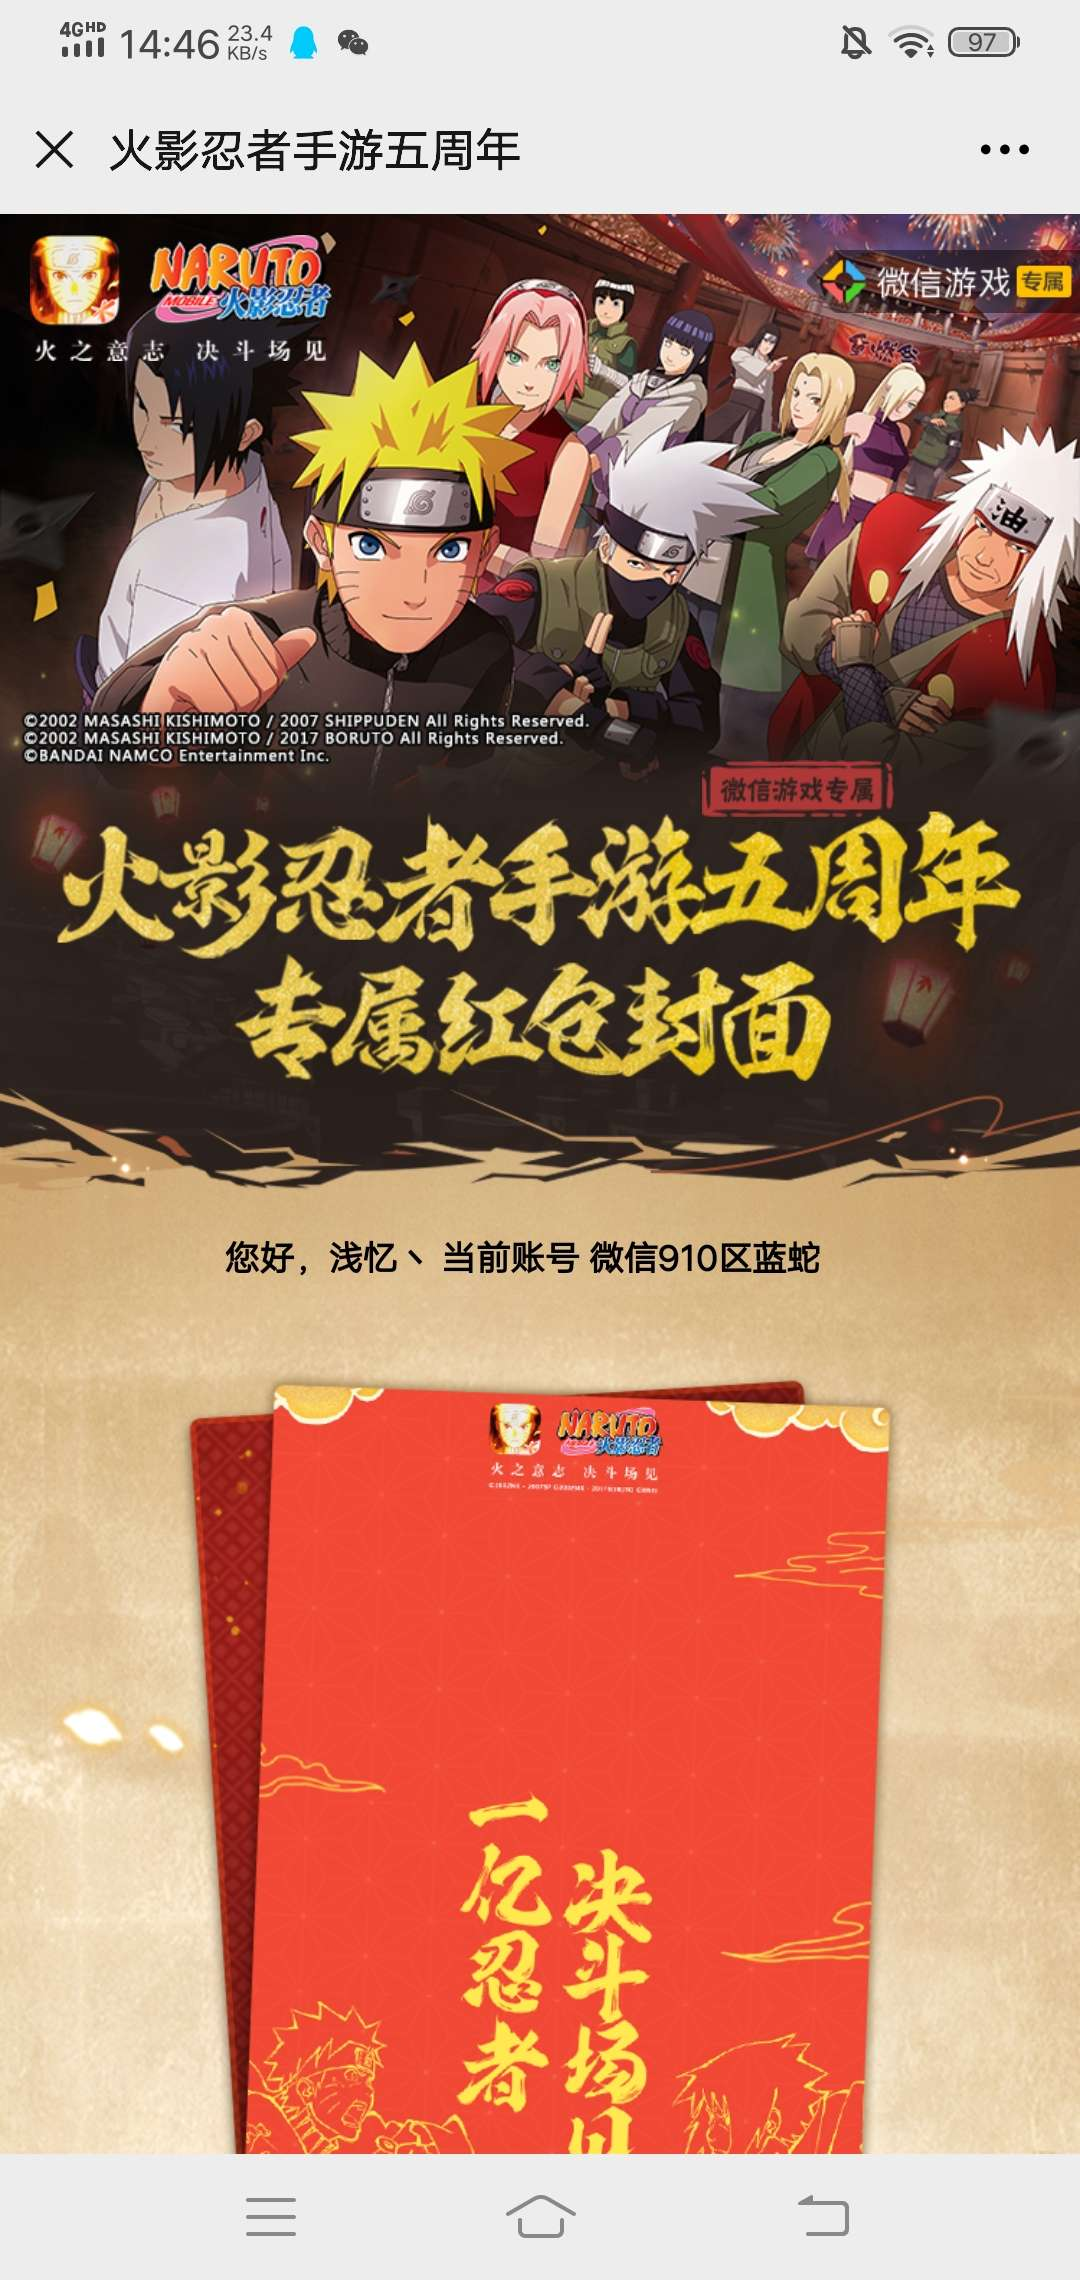 图片[1]-免费领取火影忍者微信红包封面-老友薅羊毛活动线报网